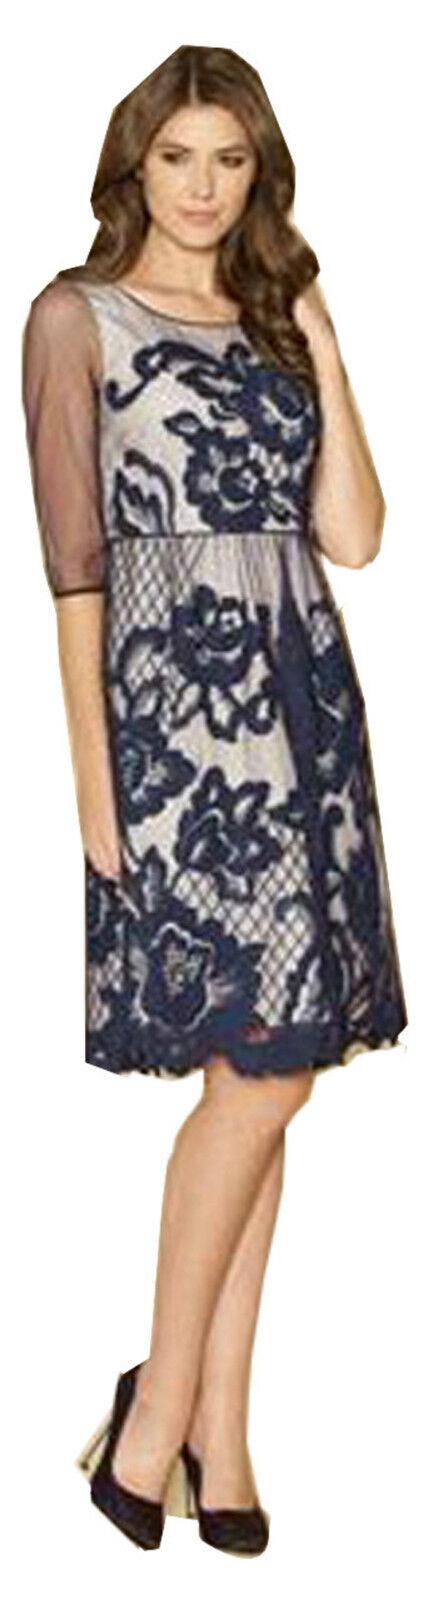 Monsoon Charlie Encaje  Vestido BNWT  Tienda de moda y compras online.